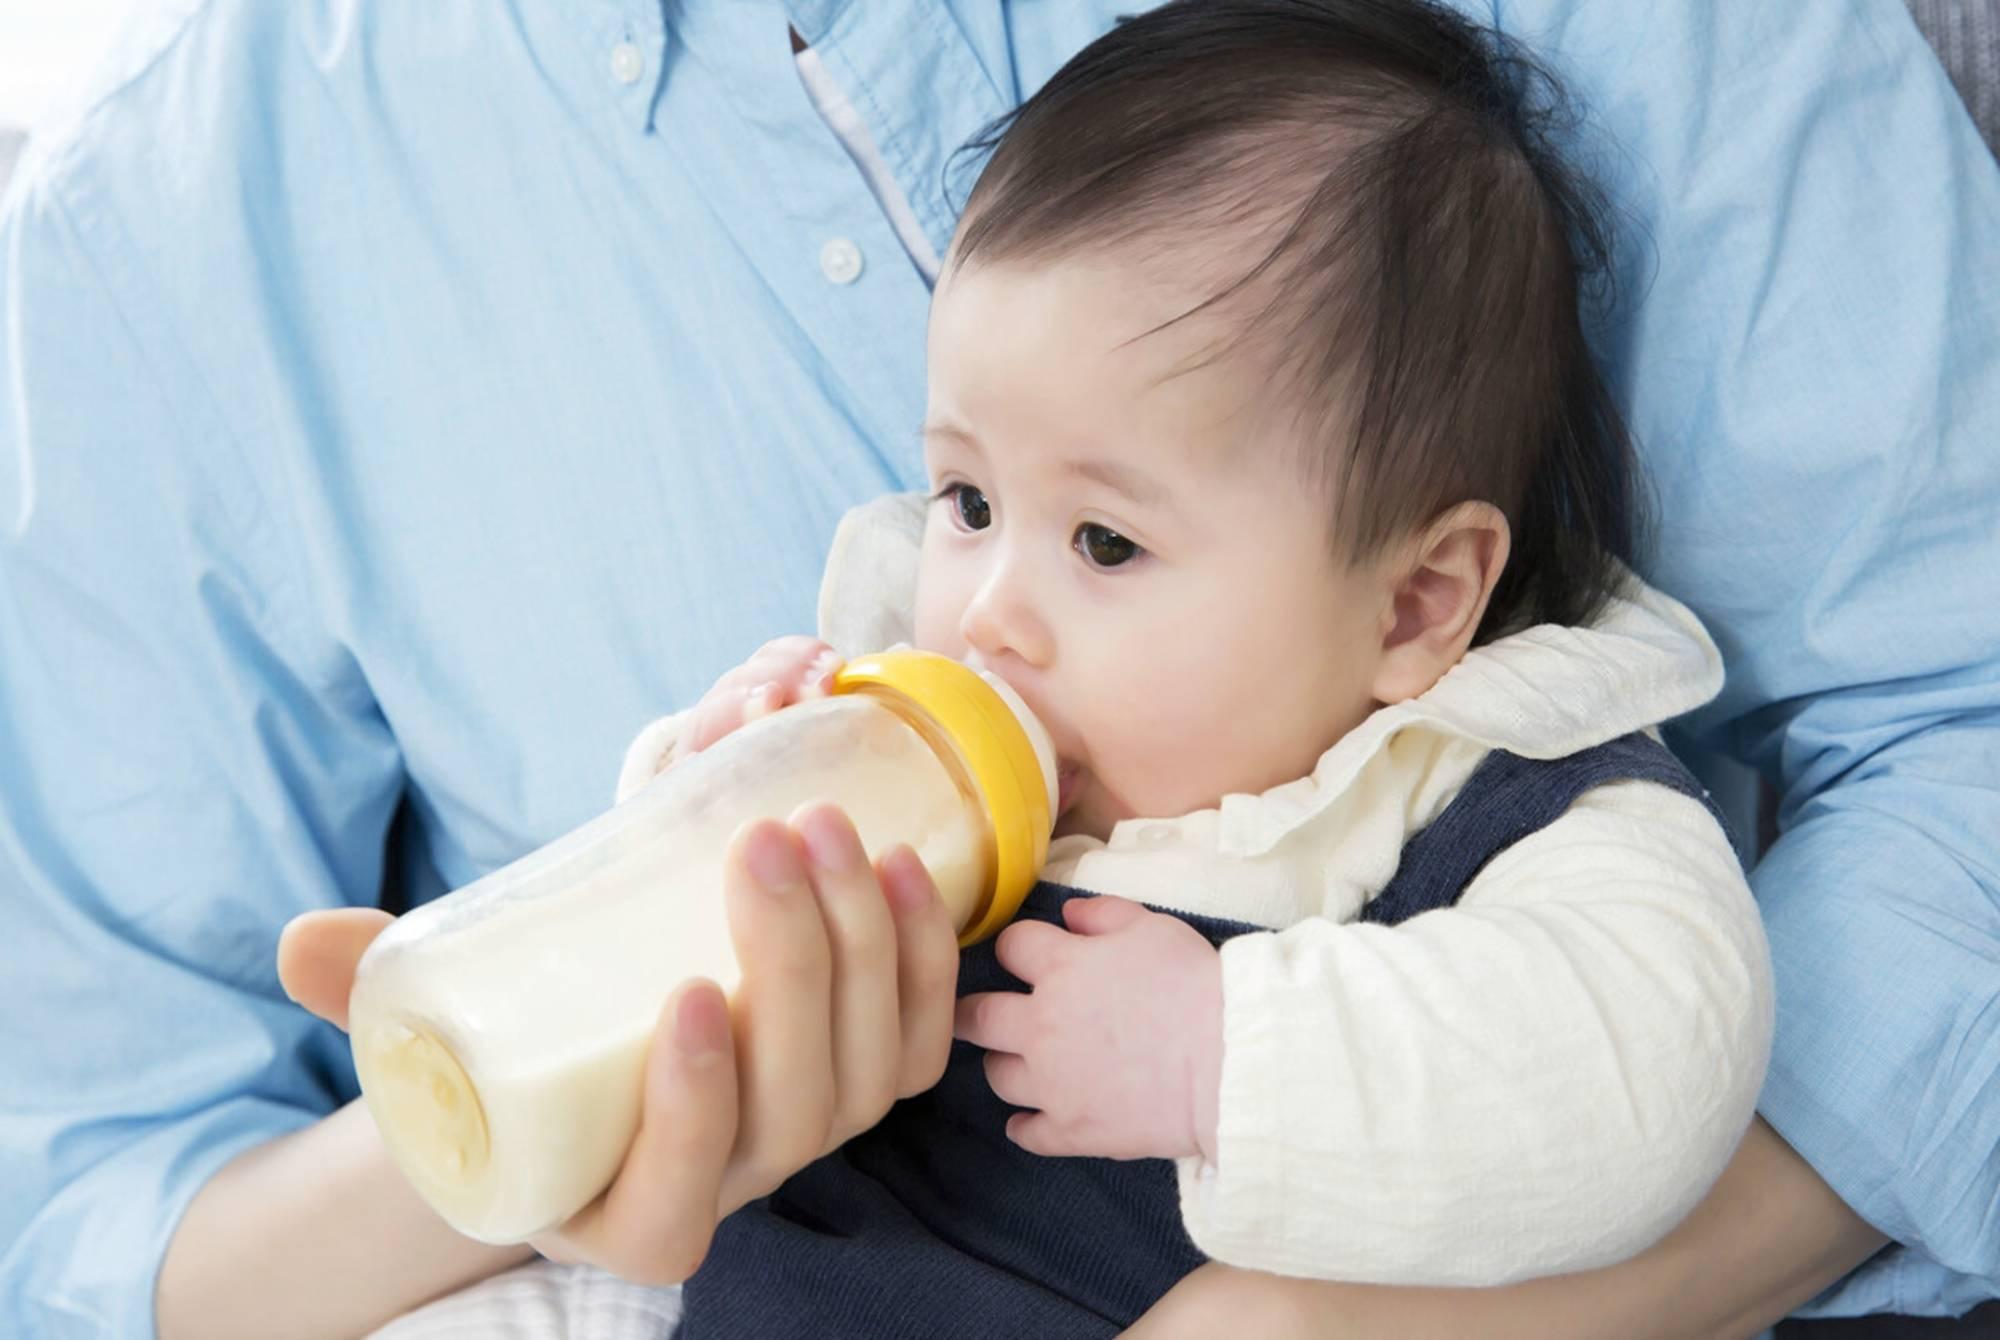 宝宝身体缺水后的这4种表现,暗示宝妈该抓紧补水,错过害娃不浅  第9张